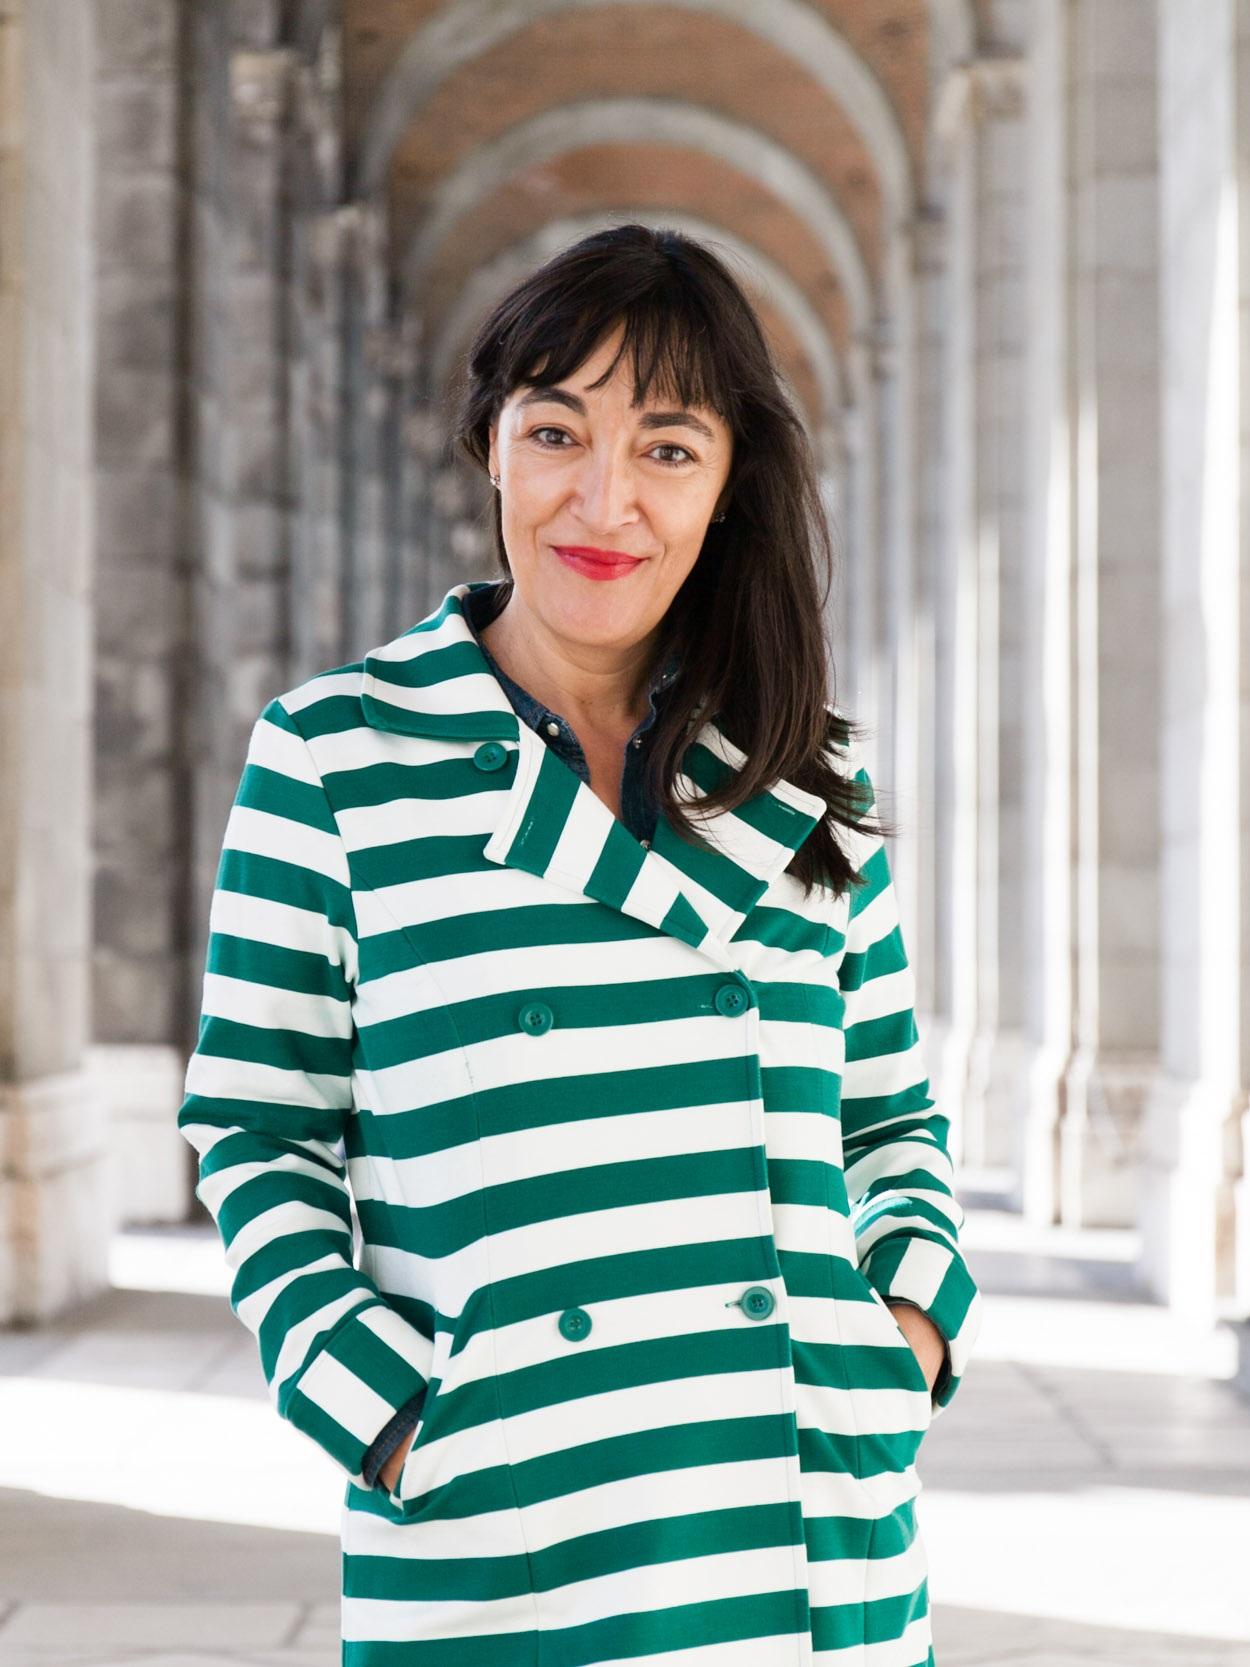 Jacqueline Metitieri Salazar